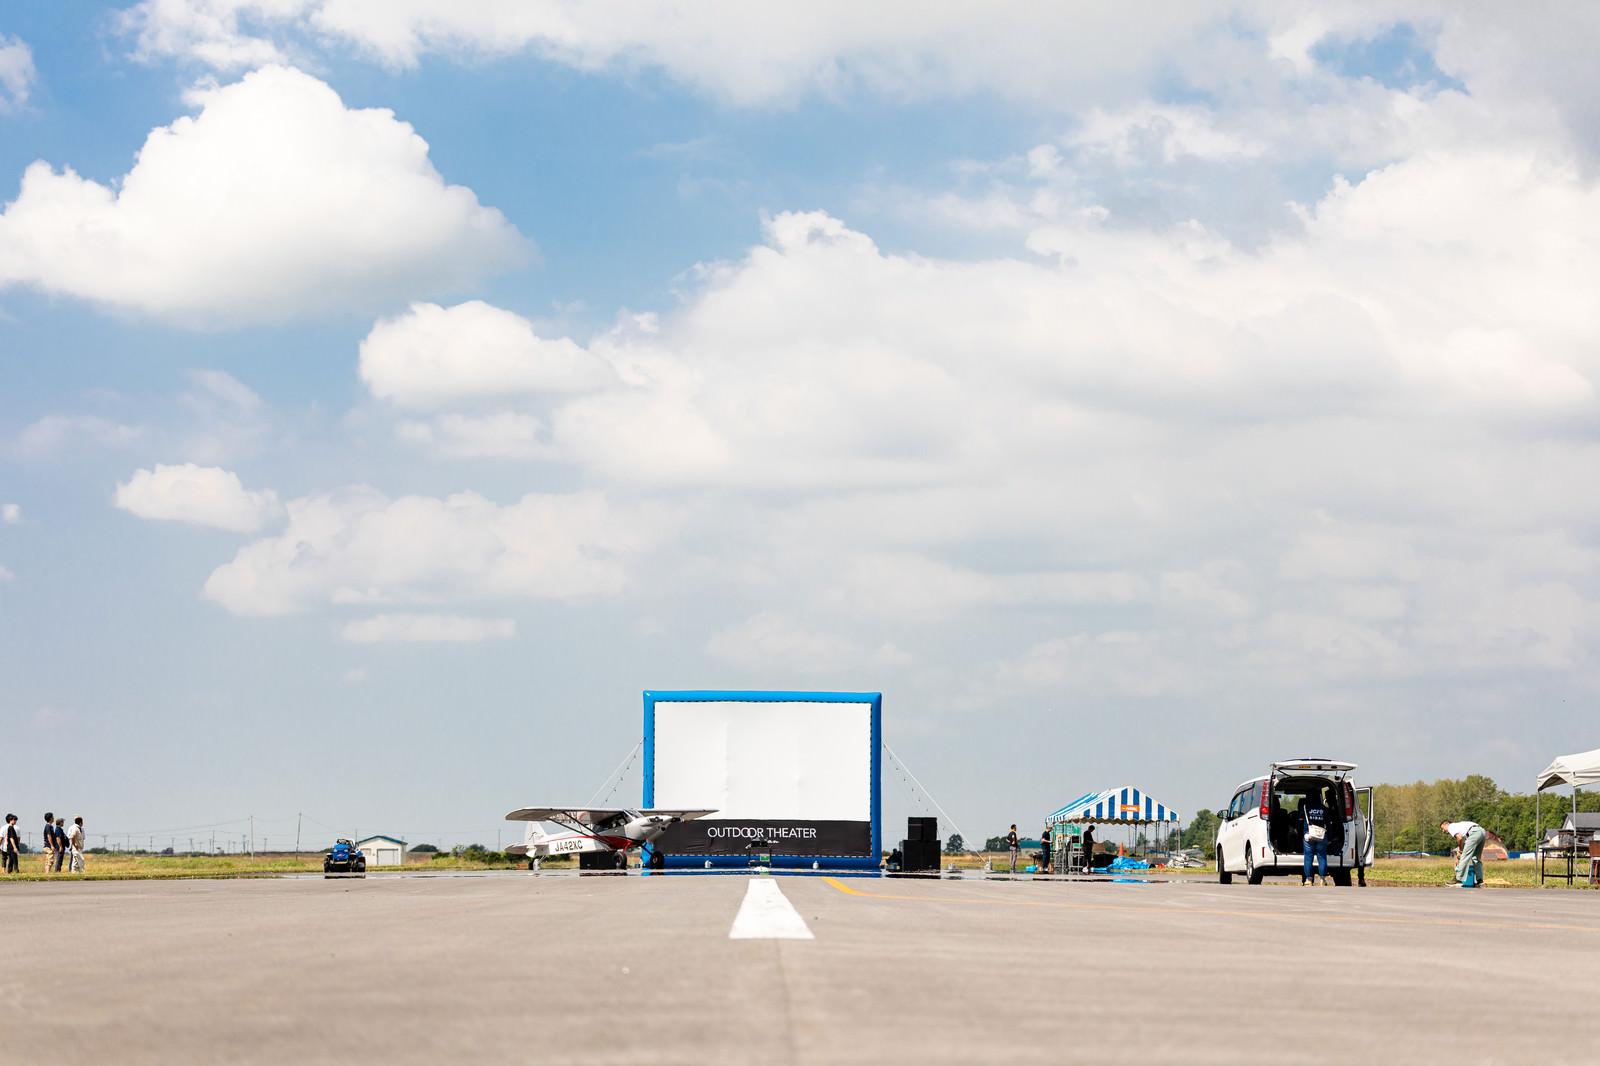 「美唄市農道離着陸場で開催された野外シネマの巨大スクリーン」の写真